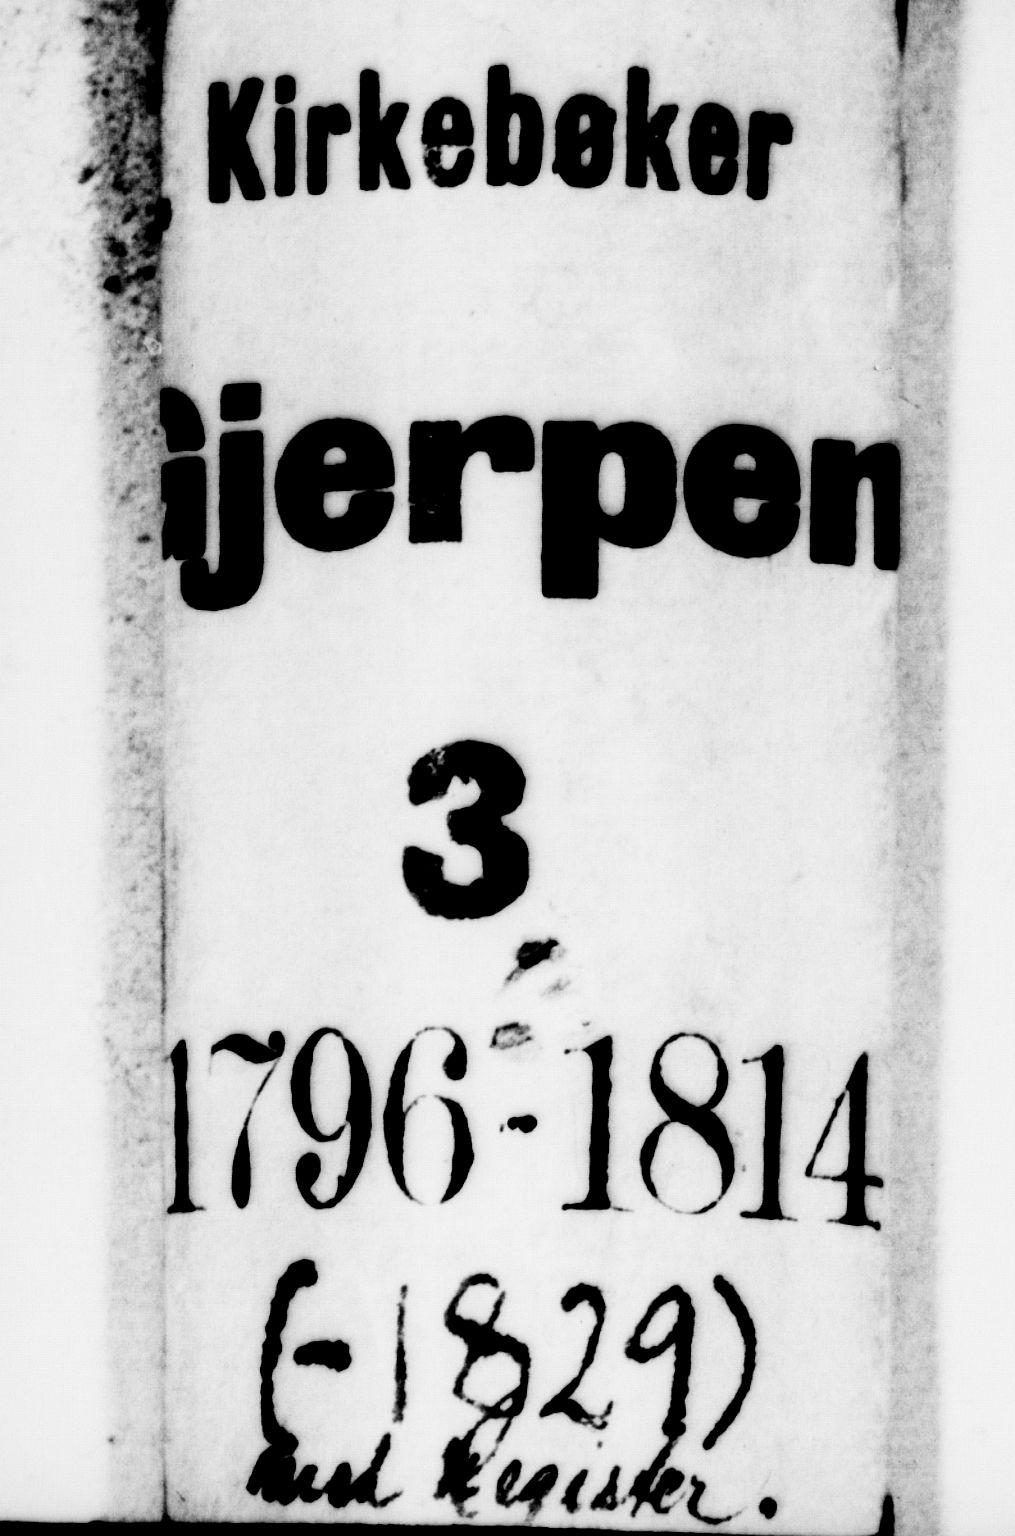 SAKO, Gjerpen kirkebøker, F/Fa/L0003: Ministerialbok nr. 3, 1796-1814